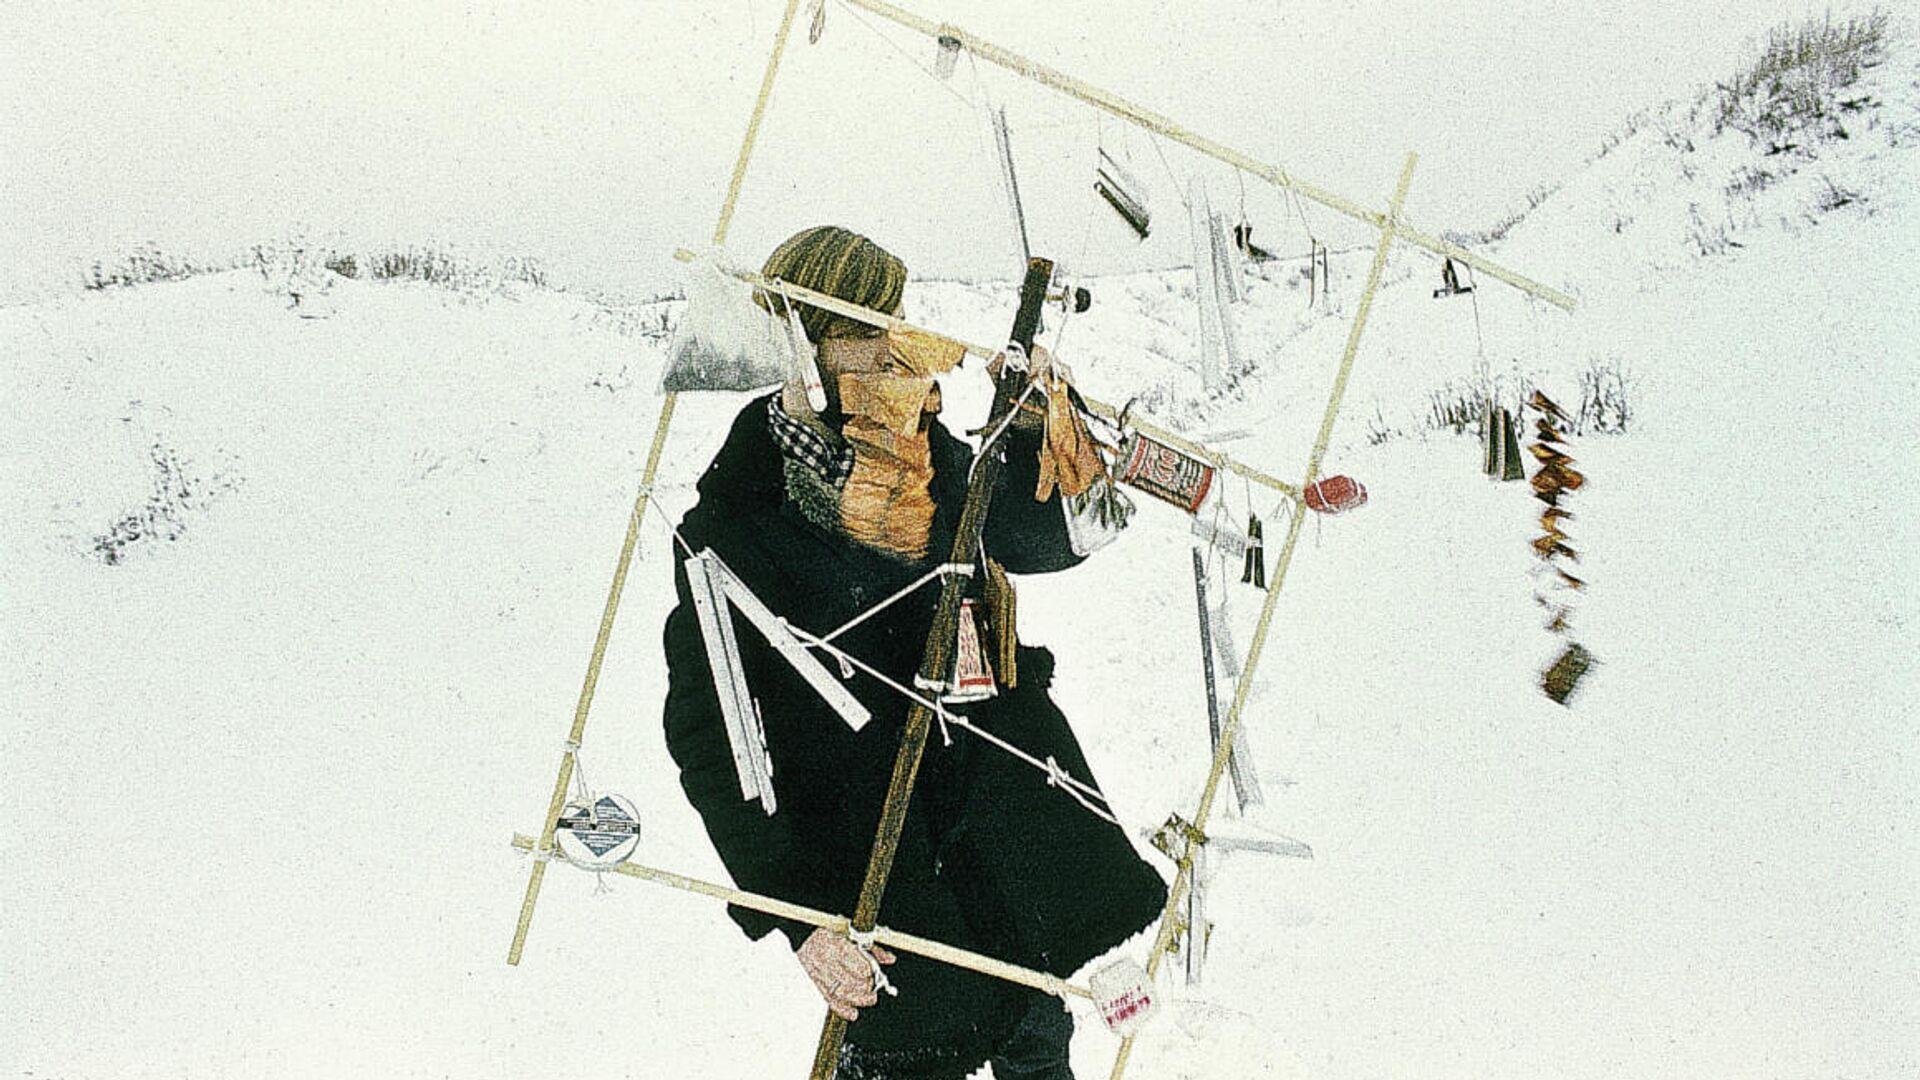 Художник Никита Алексеев, перформанс Шум (Noise), 1978 - РИА Новости, 1920, 11.03.2021